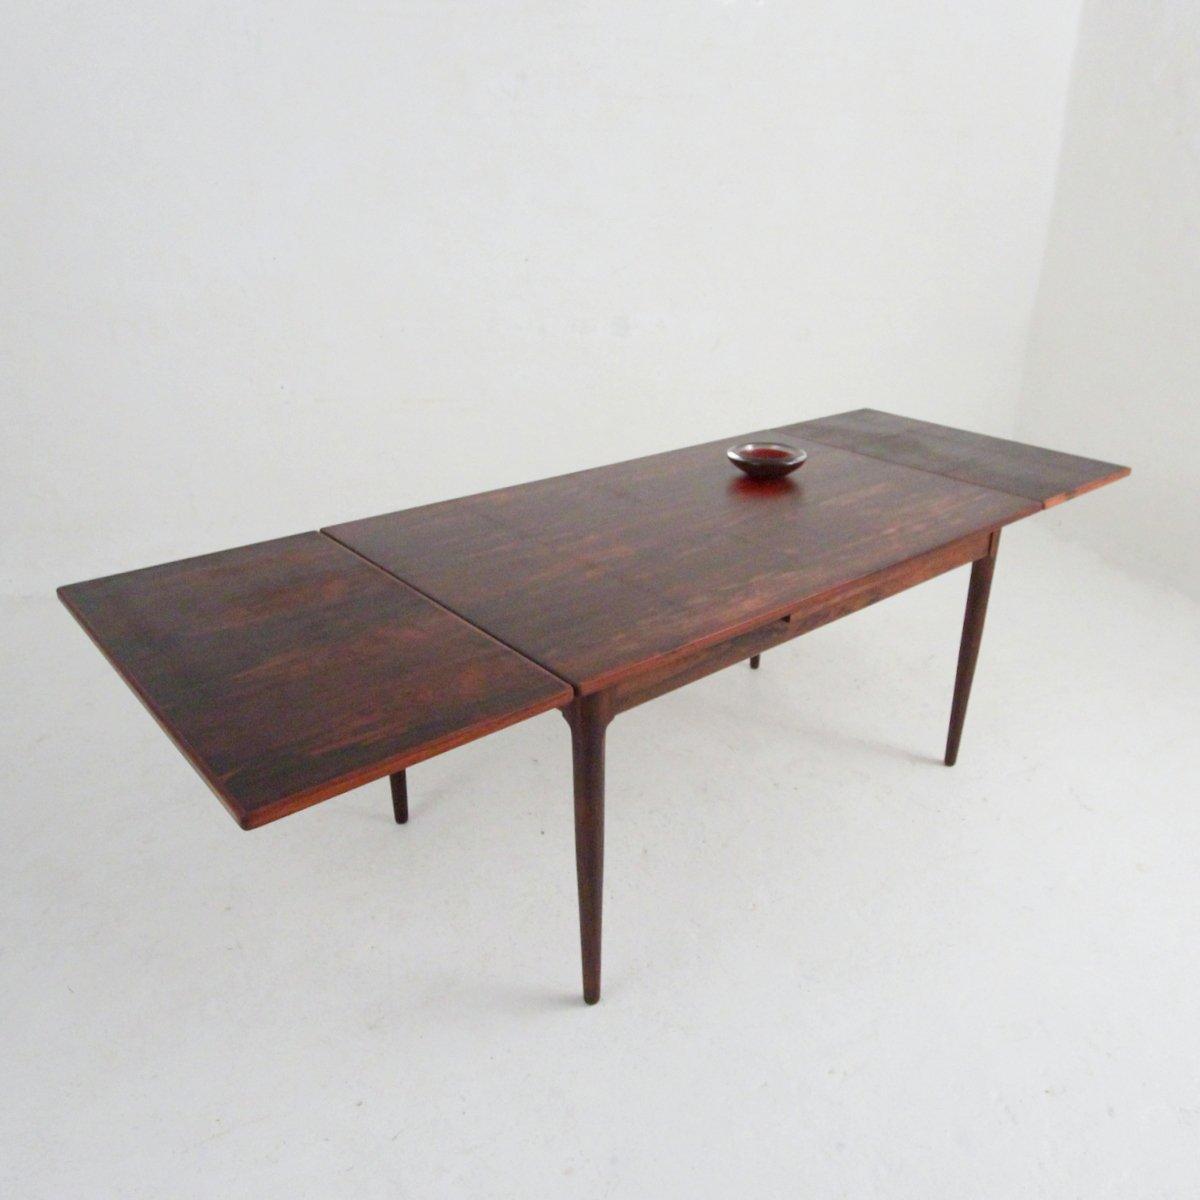 d nischer mid century esstisch aus palisander bei pamono. Black Bedroom Furniture Sets. Home Design Ideas